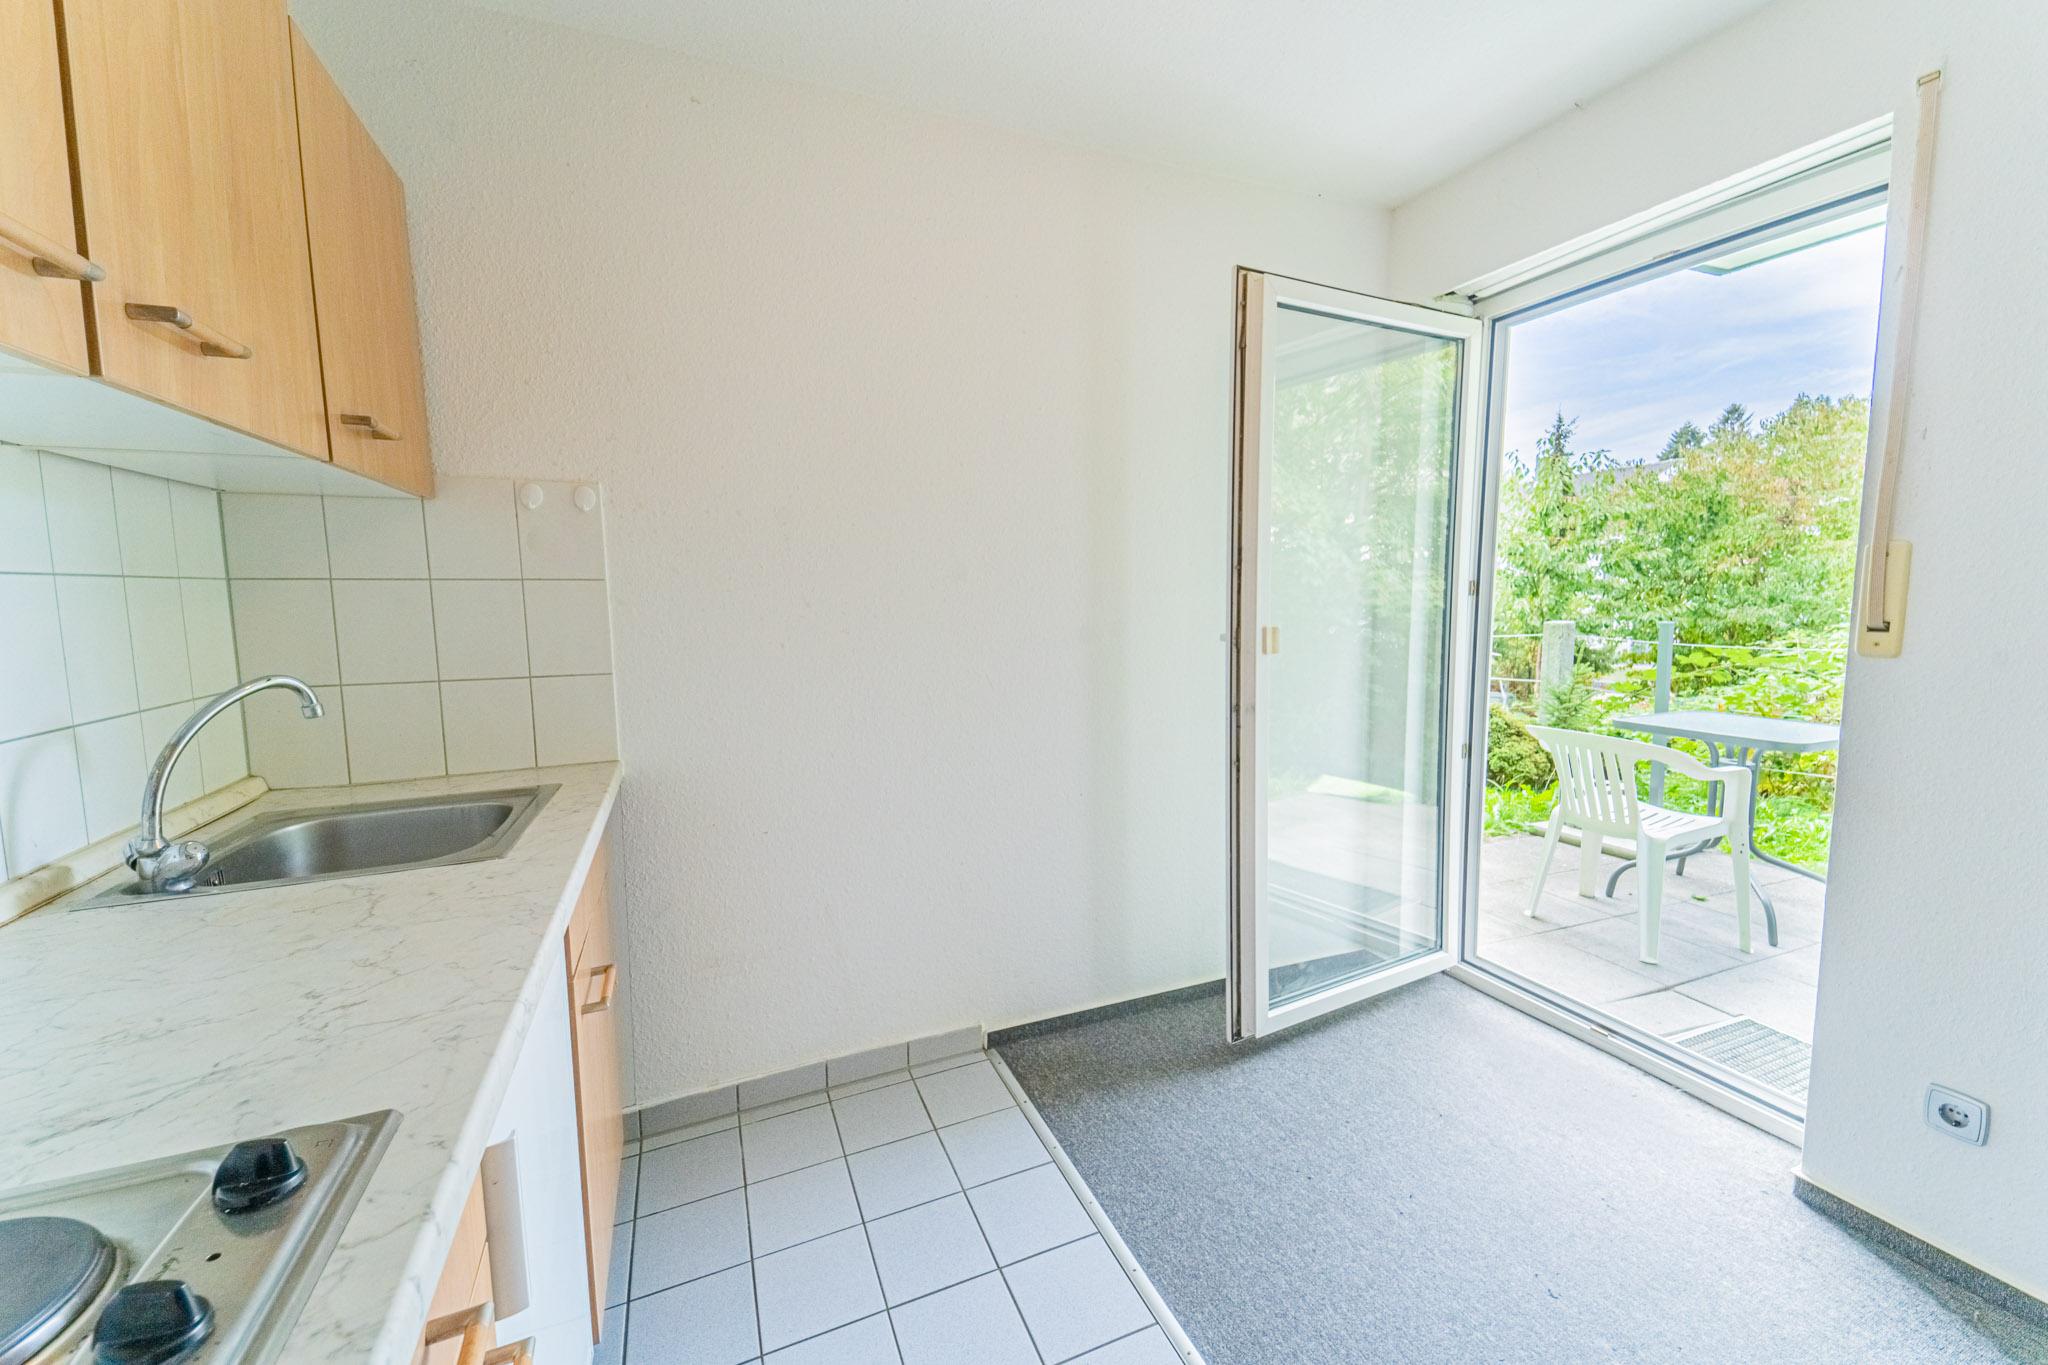 Gemütliche 1-Zimmer Erdgeschoss-Wohnung mit Terrasse und Tiefgarage in begehrter Lage von Kandern